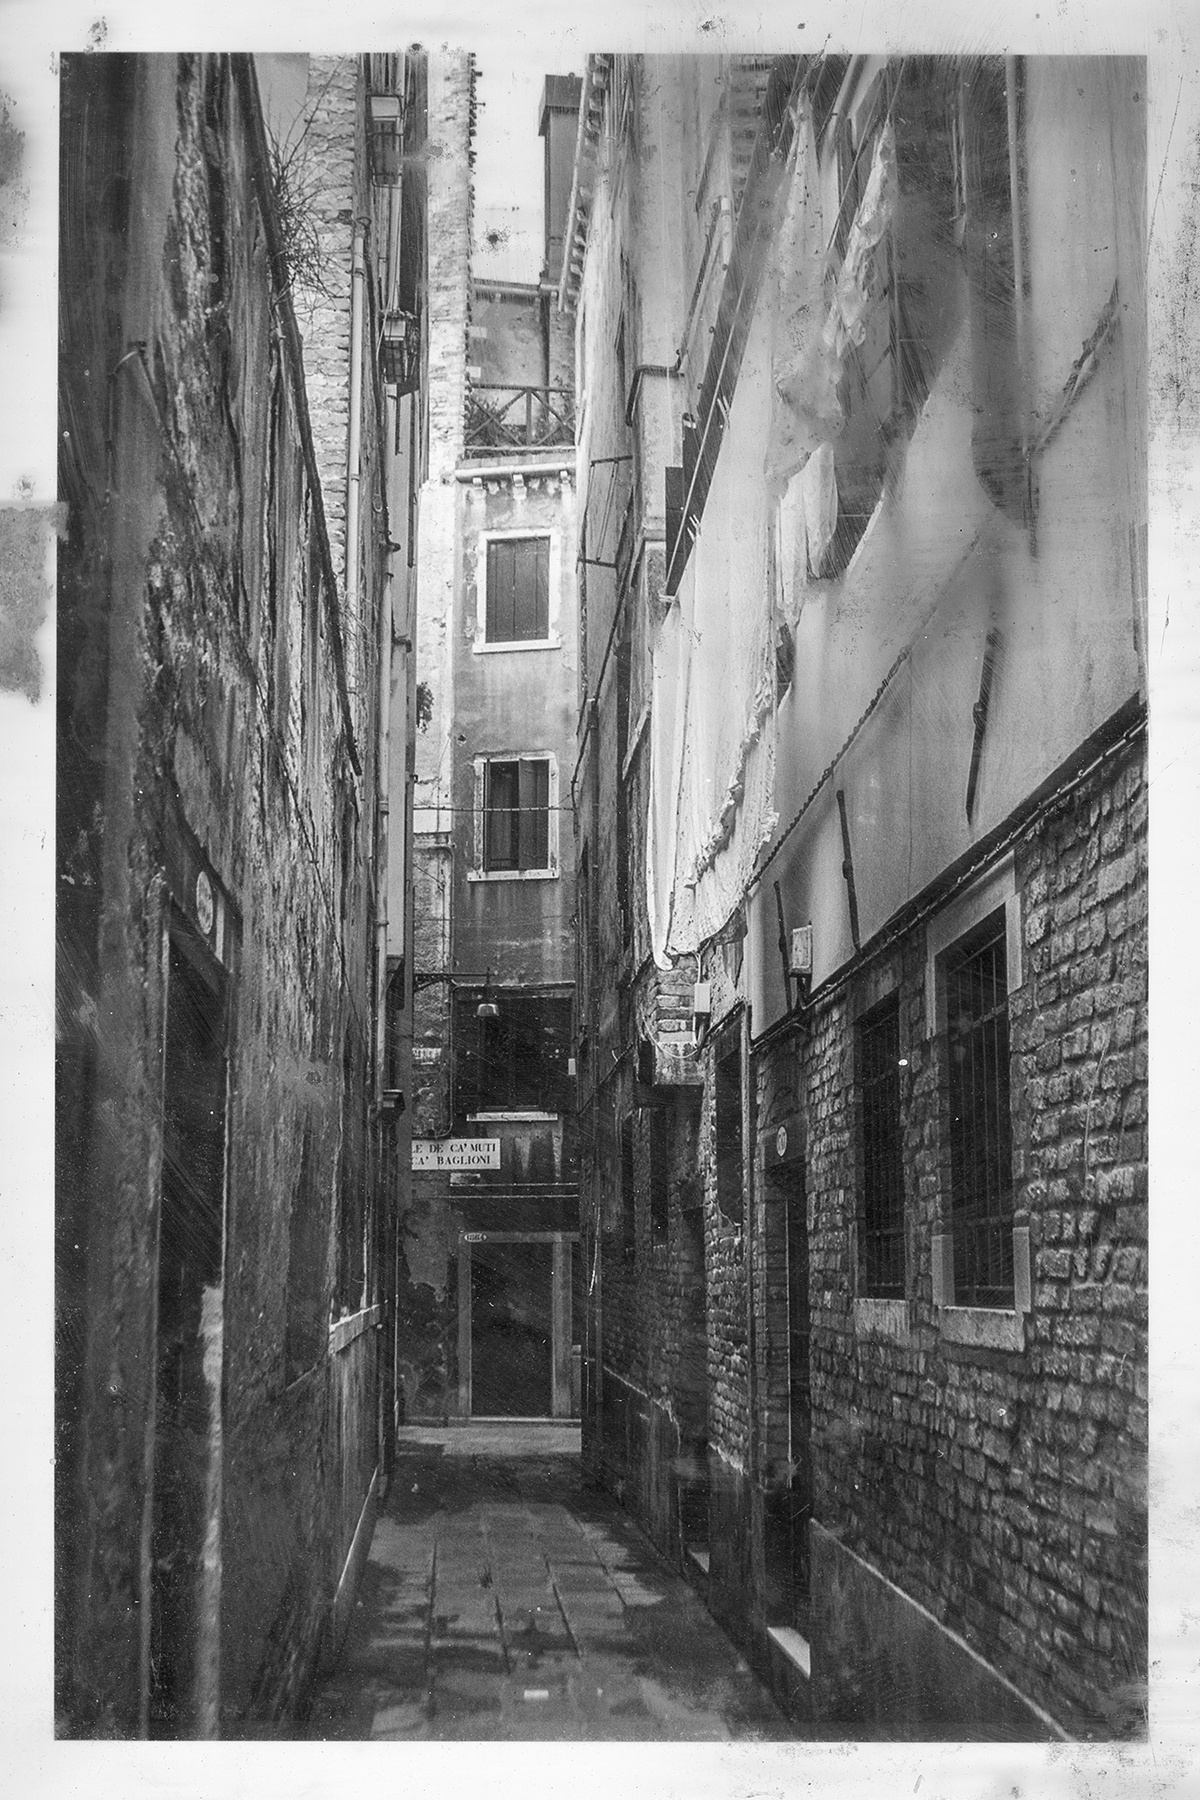 Venezia Streets by Jeff Blank